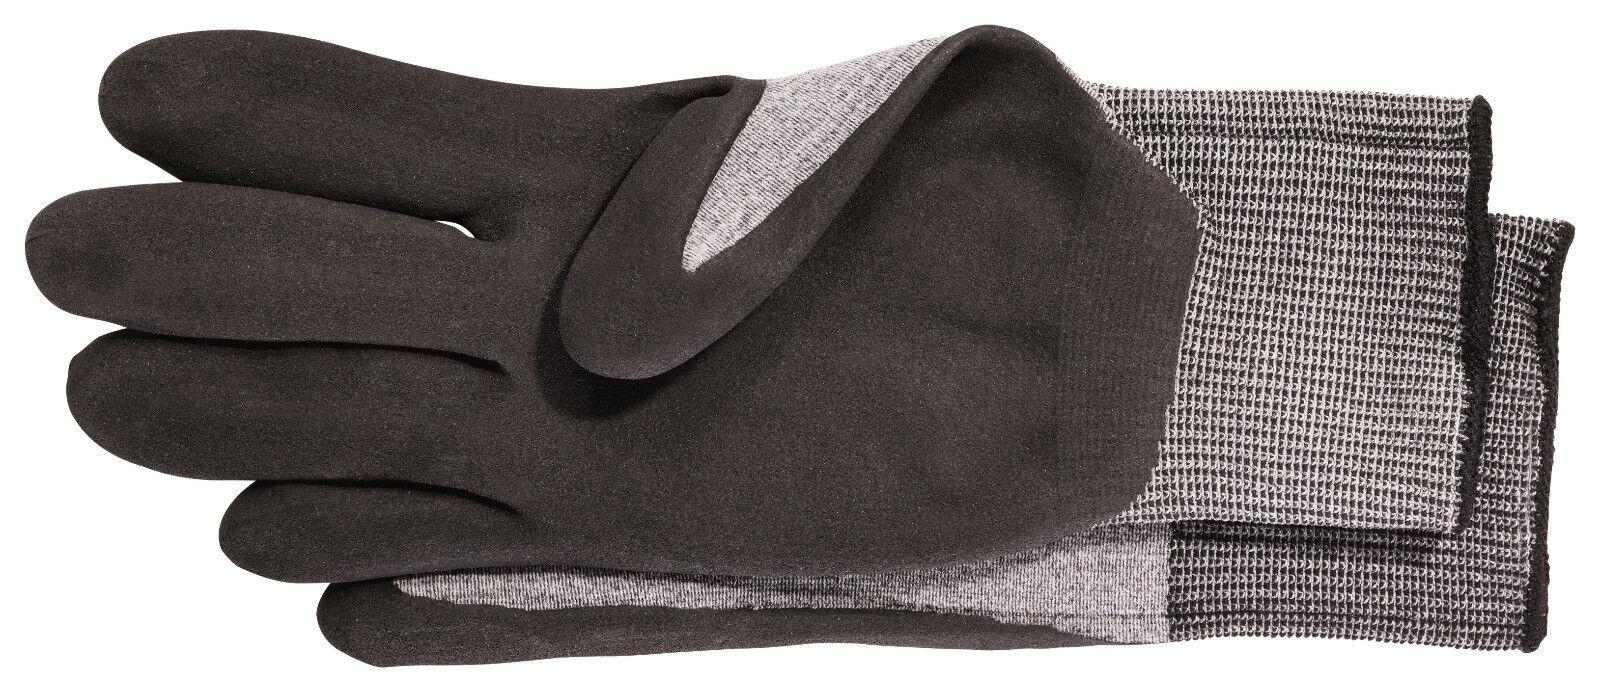 12x Storch 510610 Montage-Handschuhe, Nitril-Mikroschaum Größe XL 10